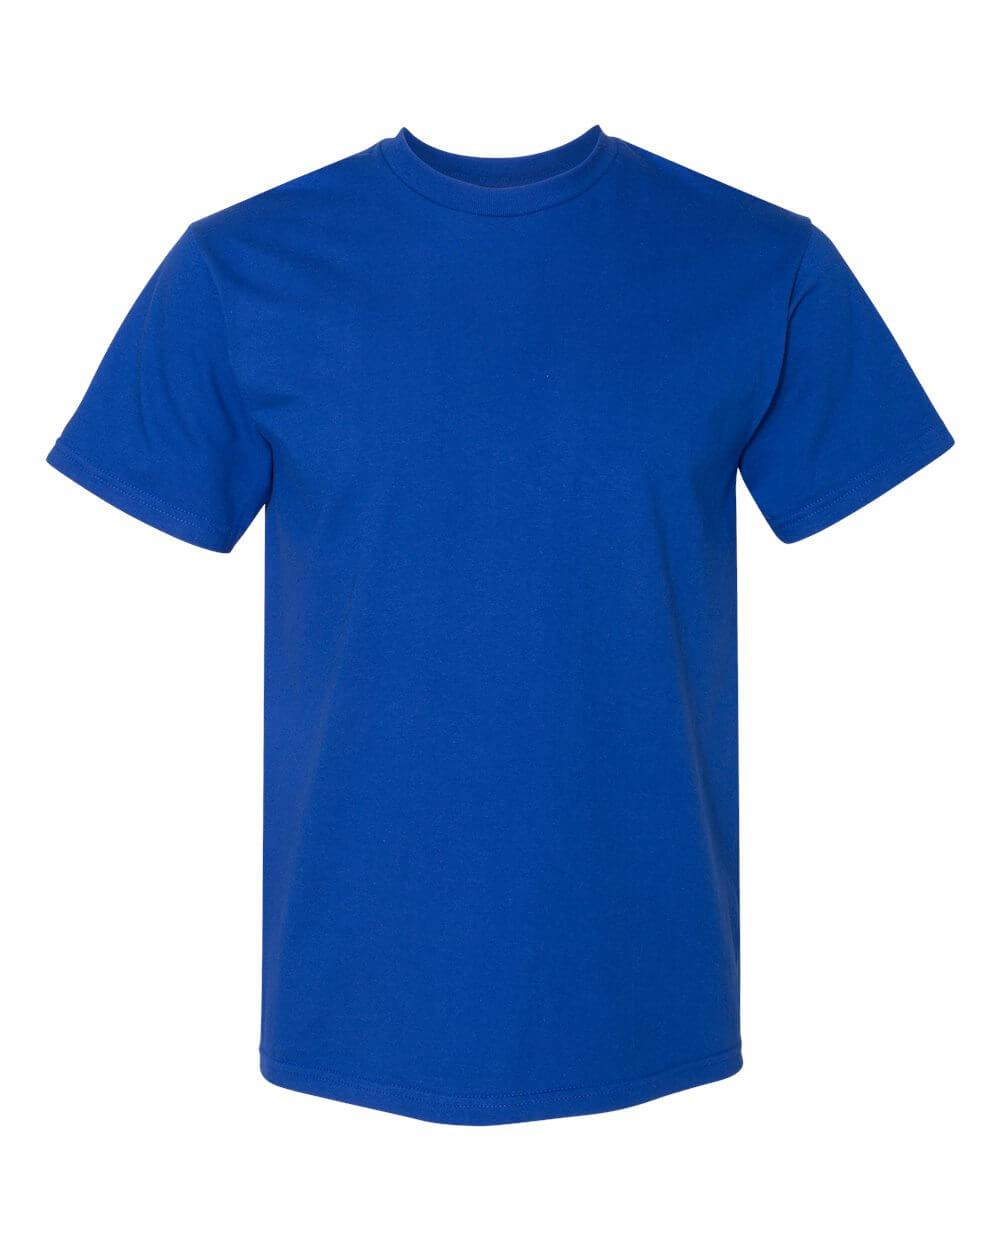 Gildan_H000_Royal Blue Custom T Shirts